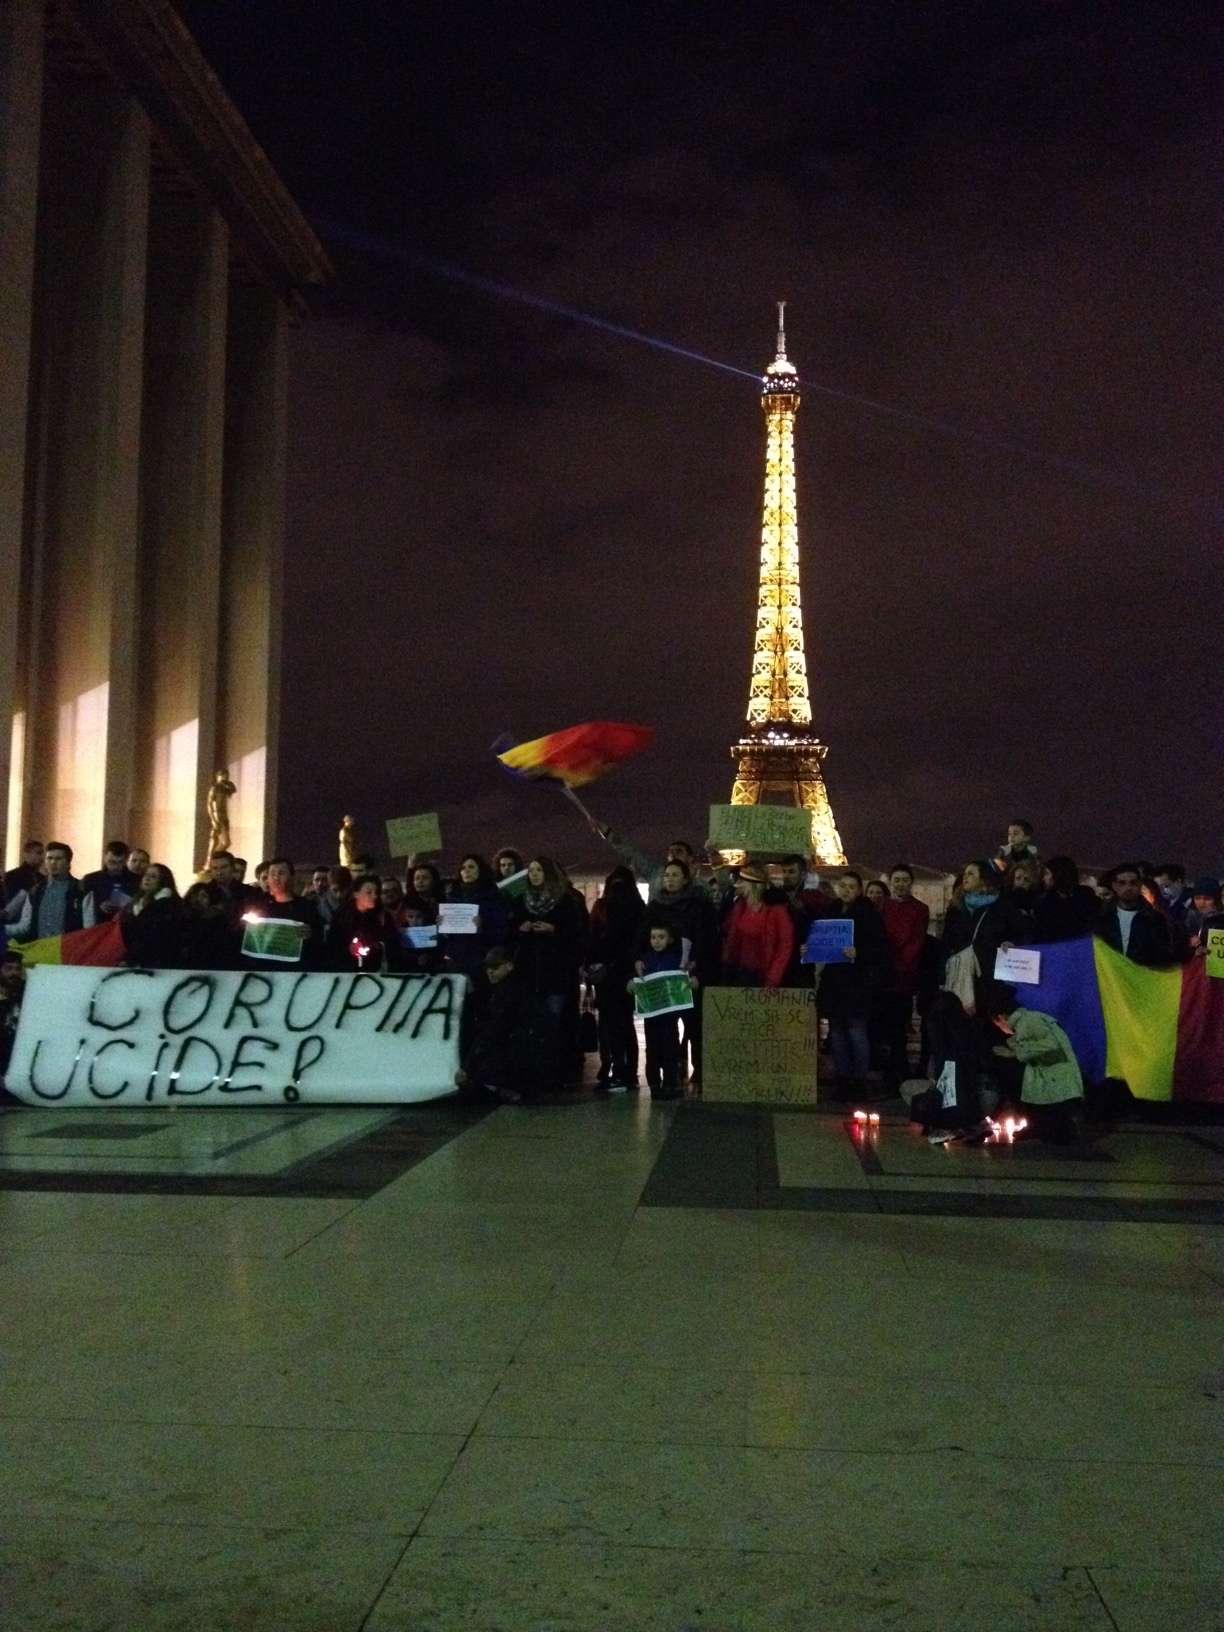 Turnul Eiffel în fundalul manitestatiei românilor din Paris